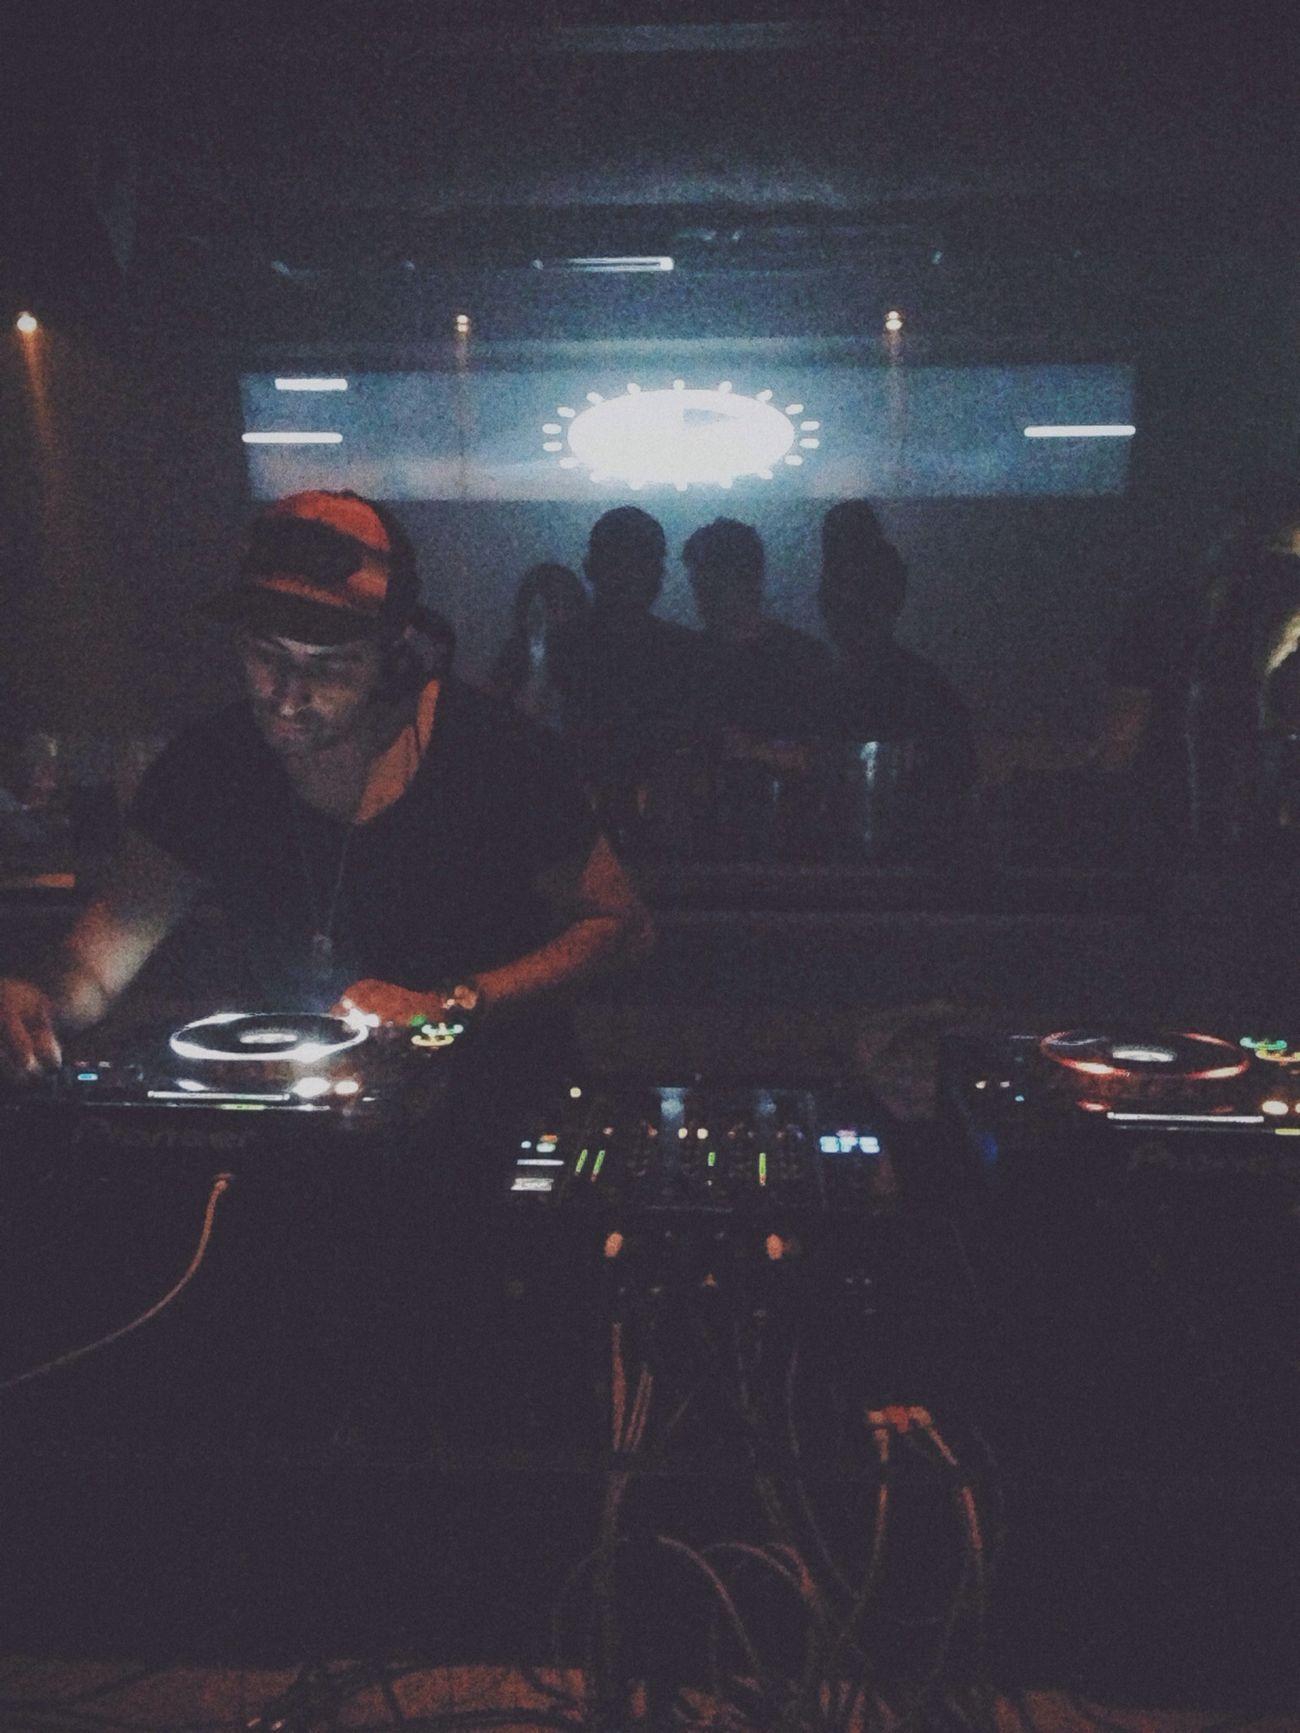 Darius Syrossian Dj Set Kyo Vivamusic Techno